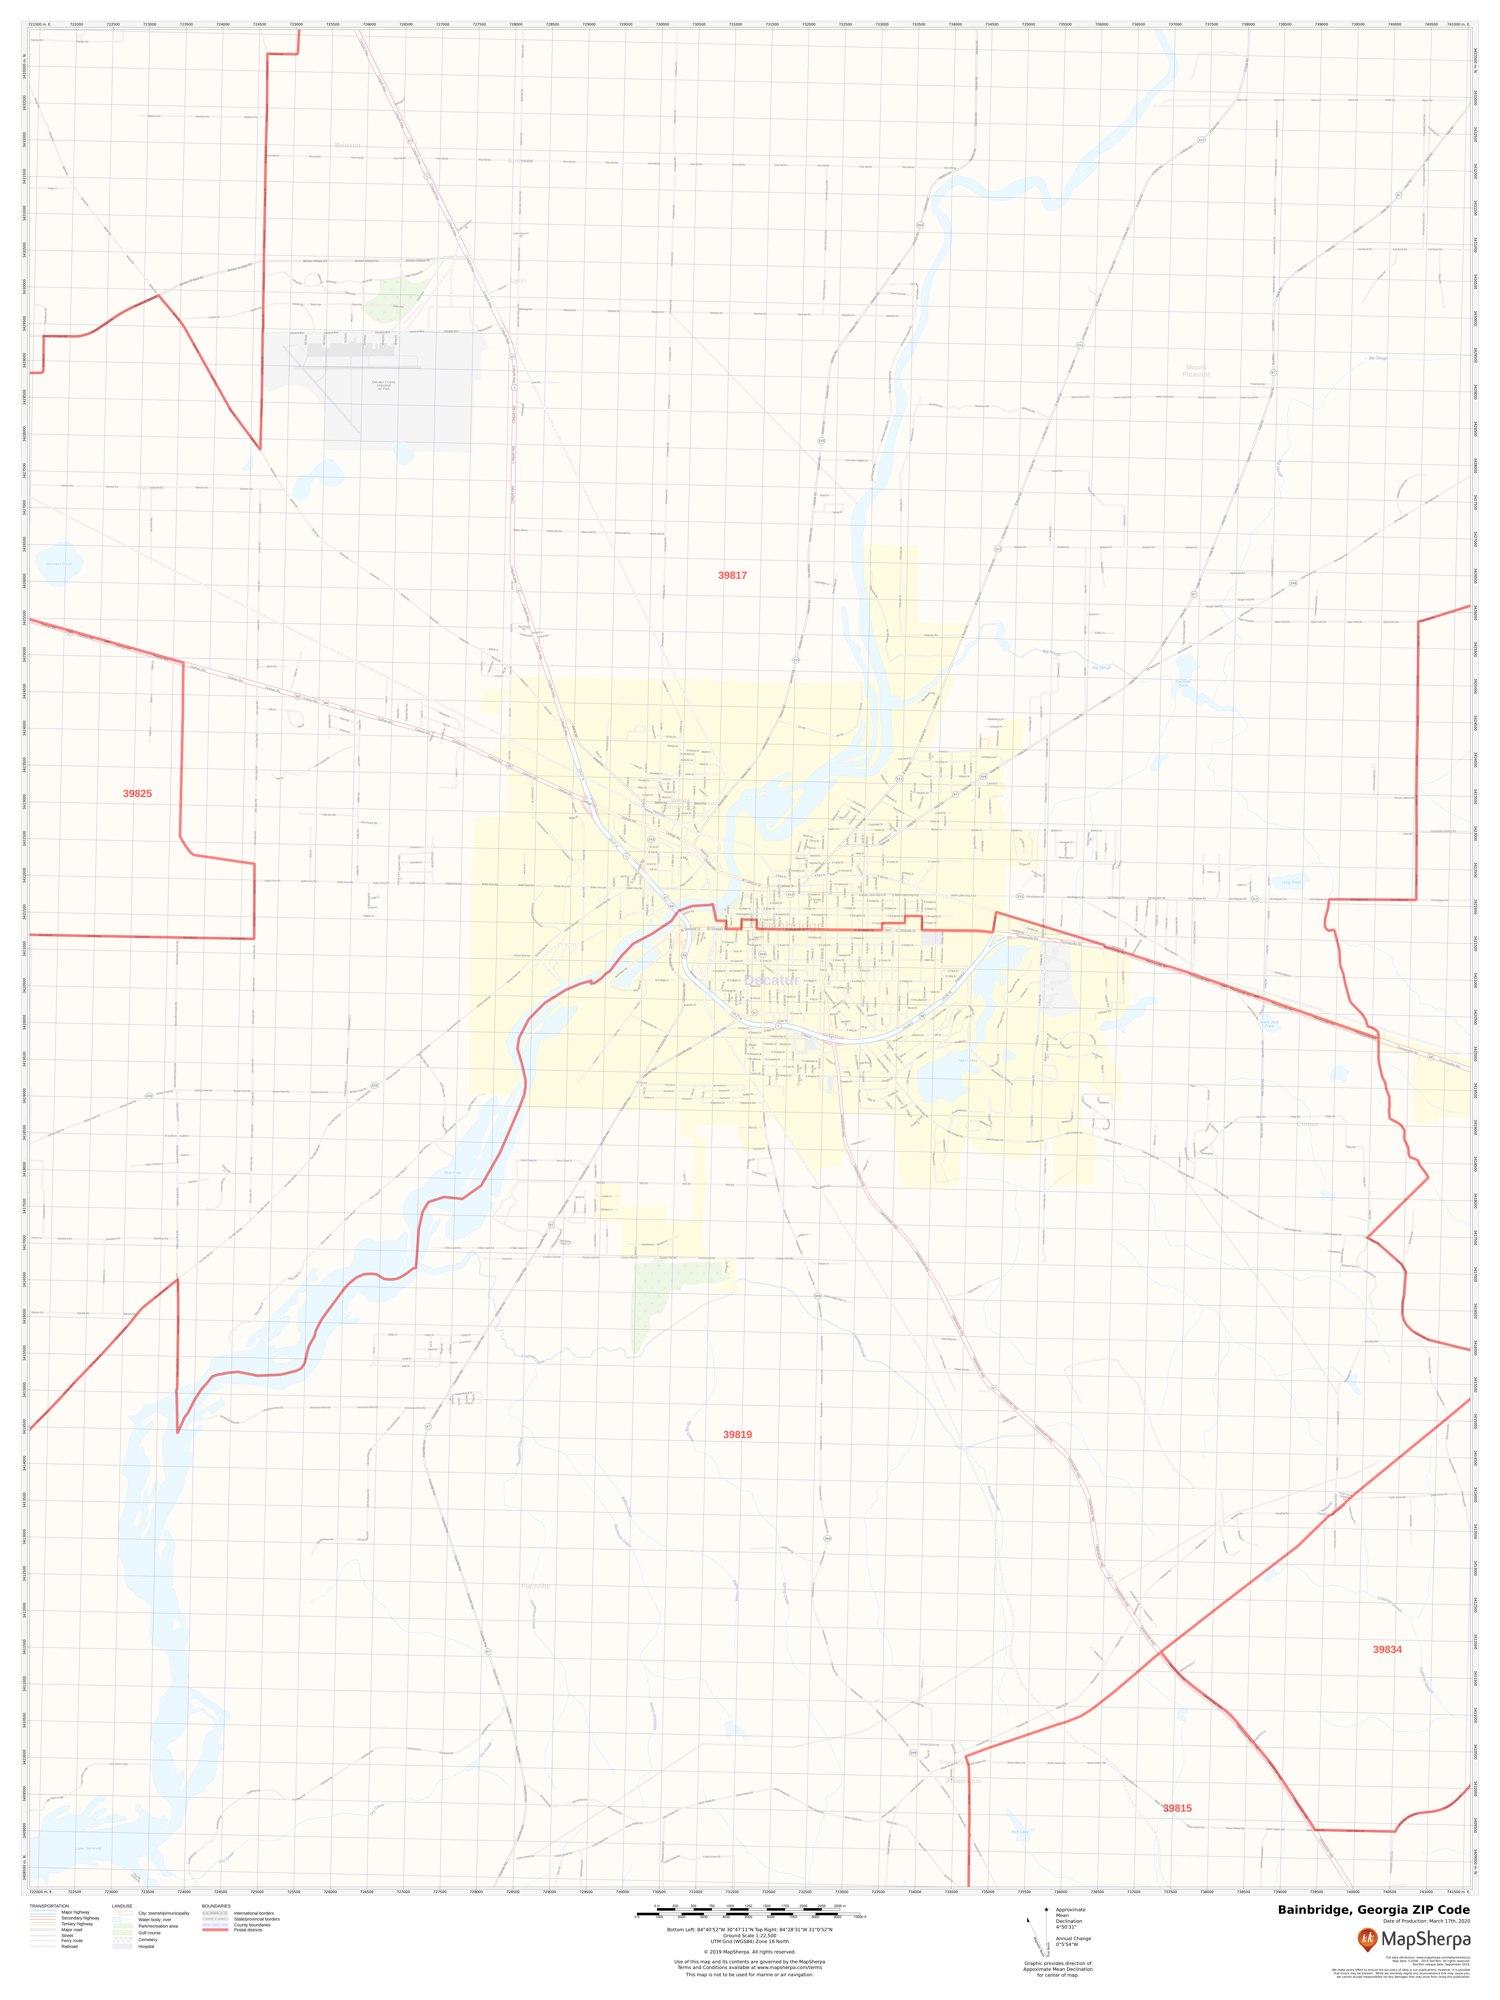 Image of: Bainbridge Ga Zip Code Map